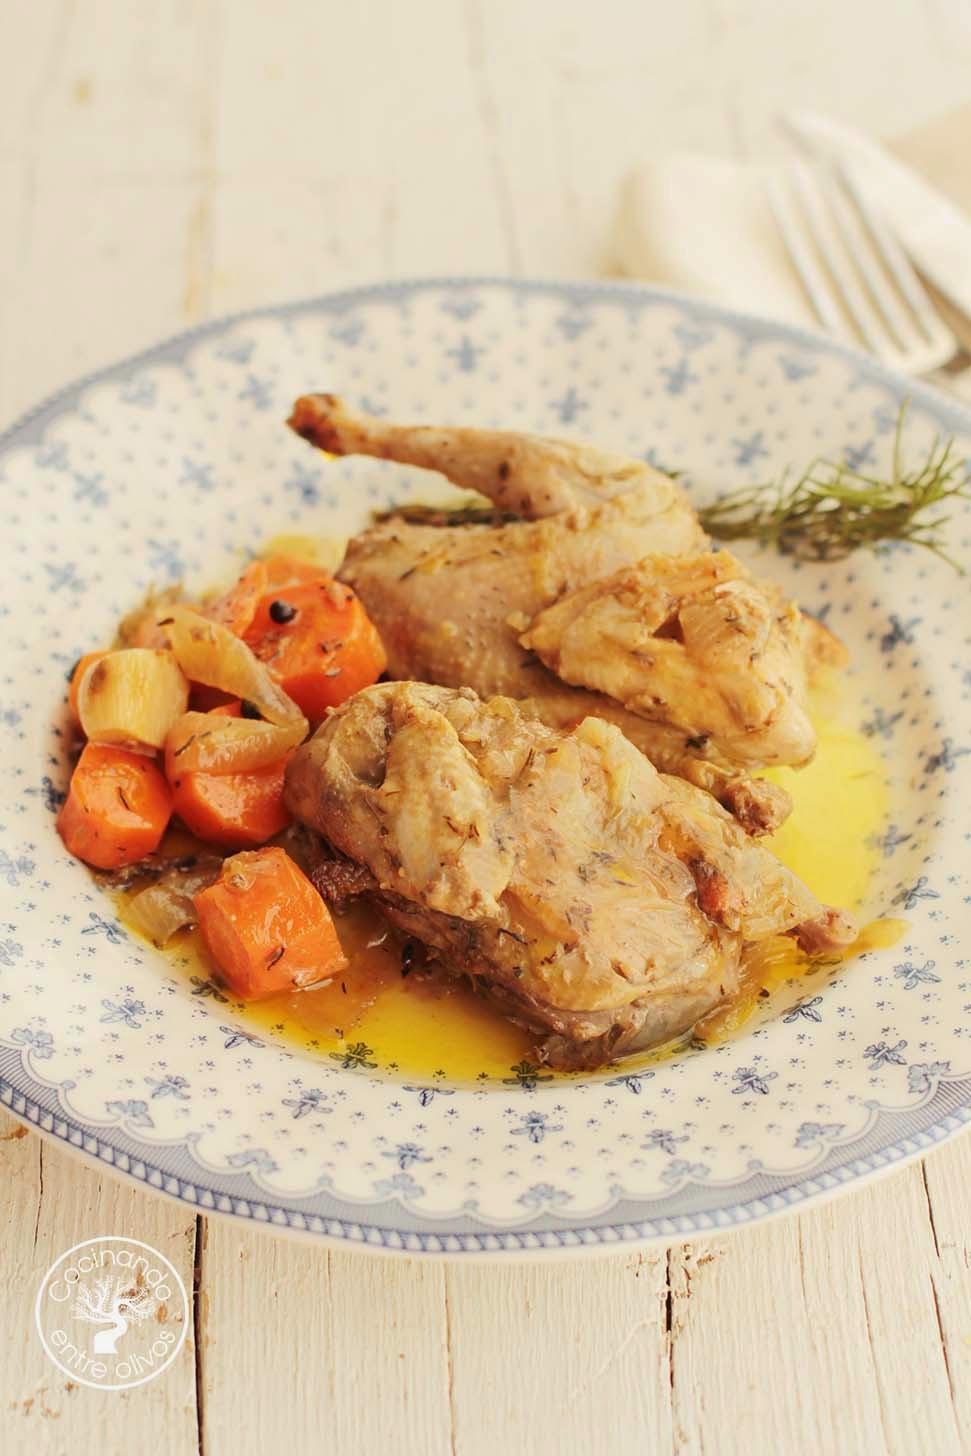 Cocinando entre olivos perdiz en escabeche receta paso a - Cocinando entre olivos ...